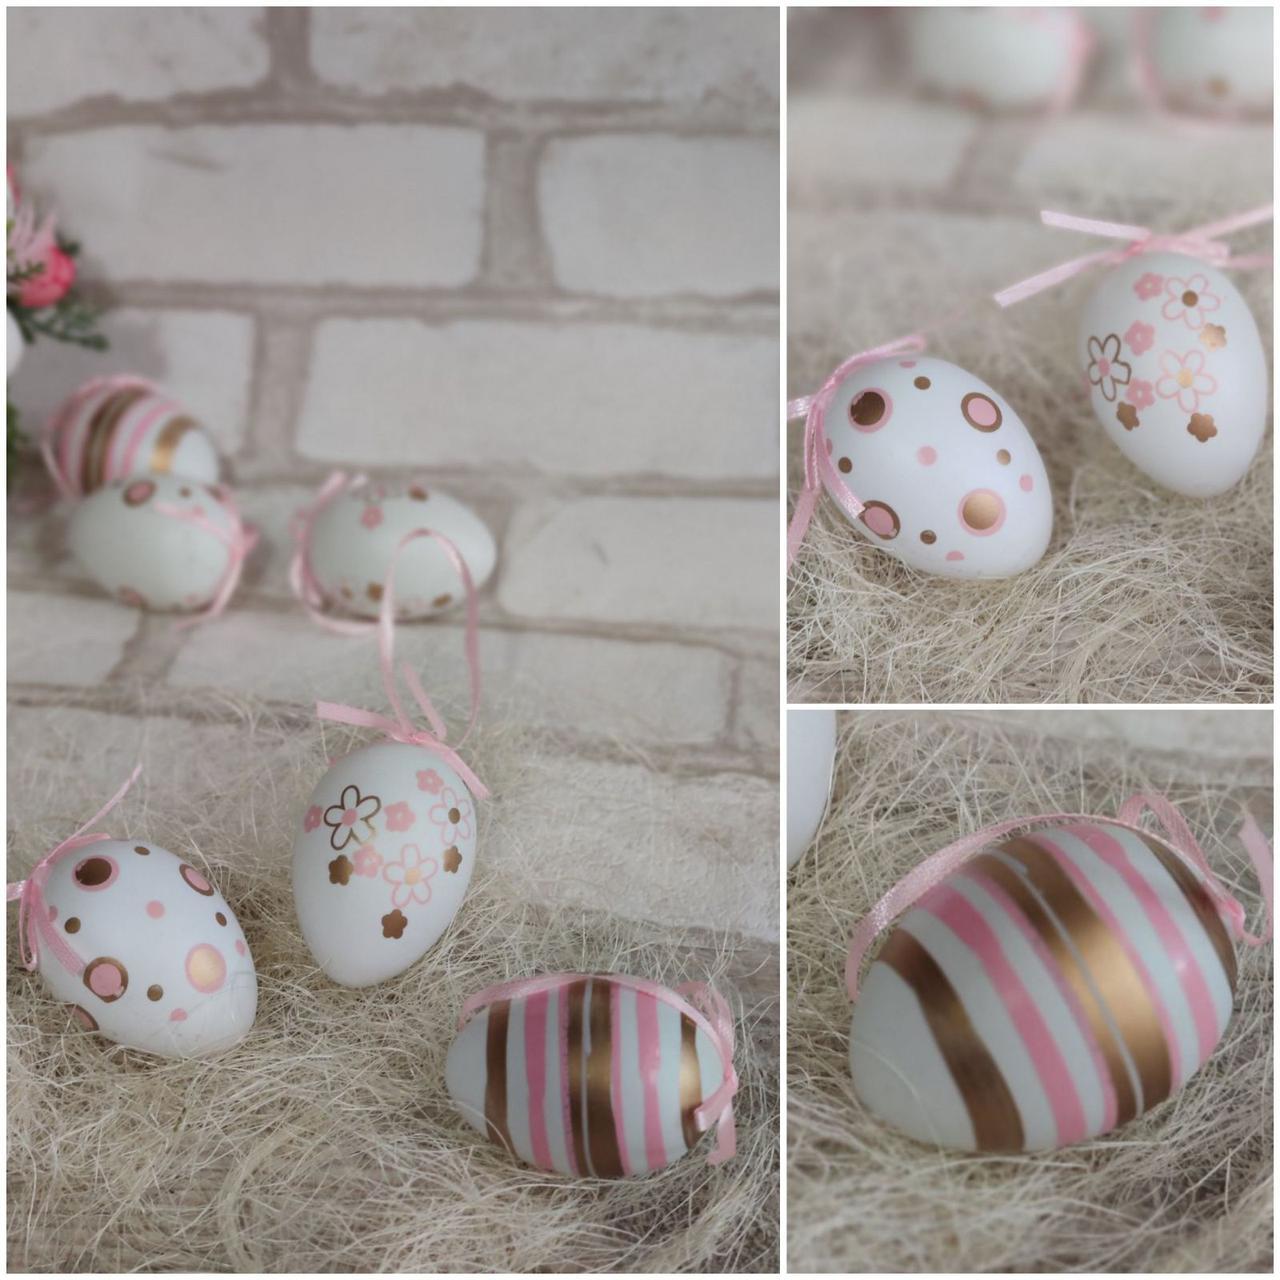 Яйце пластмасове до великодніх свят, декор, декоративне, підвіска, підвіс, на корзину, вис. 6 см.